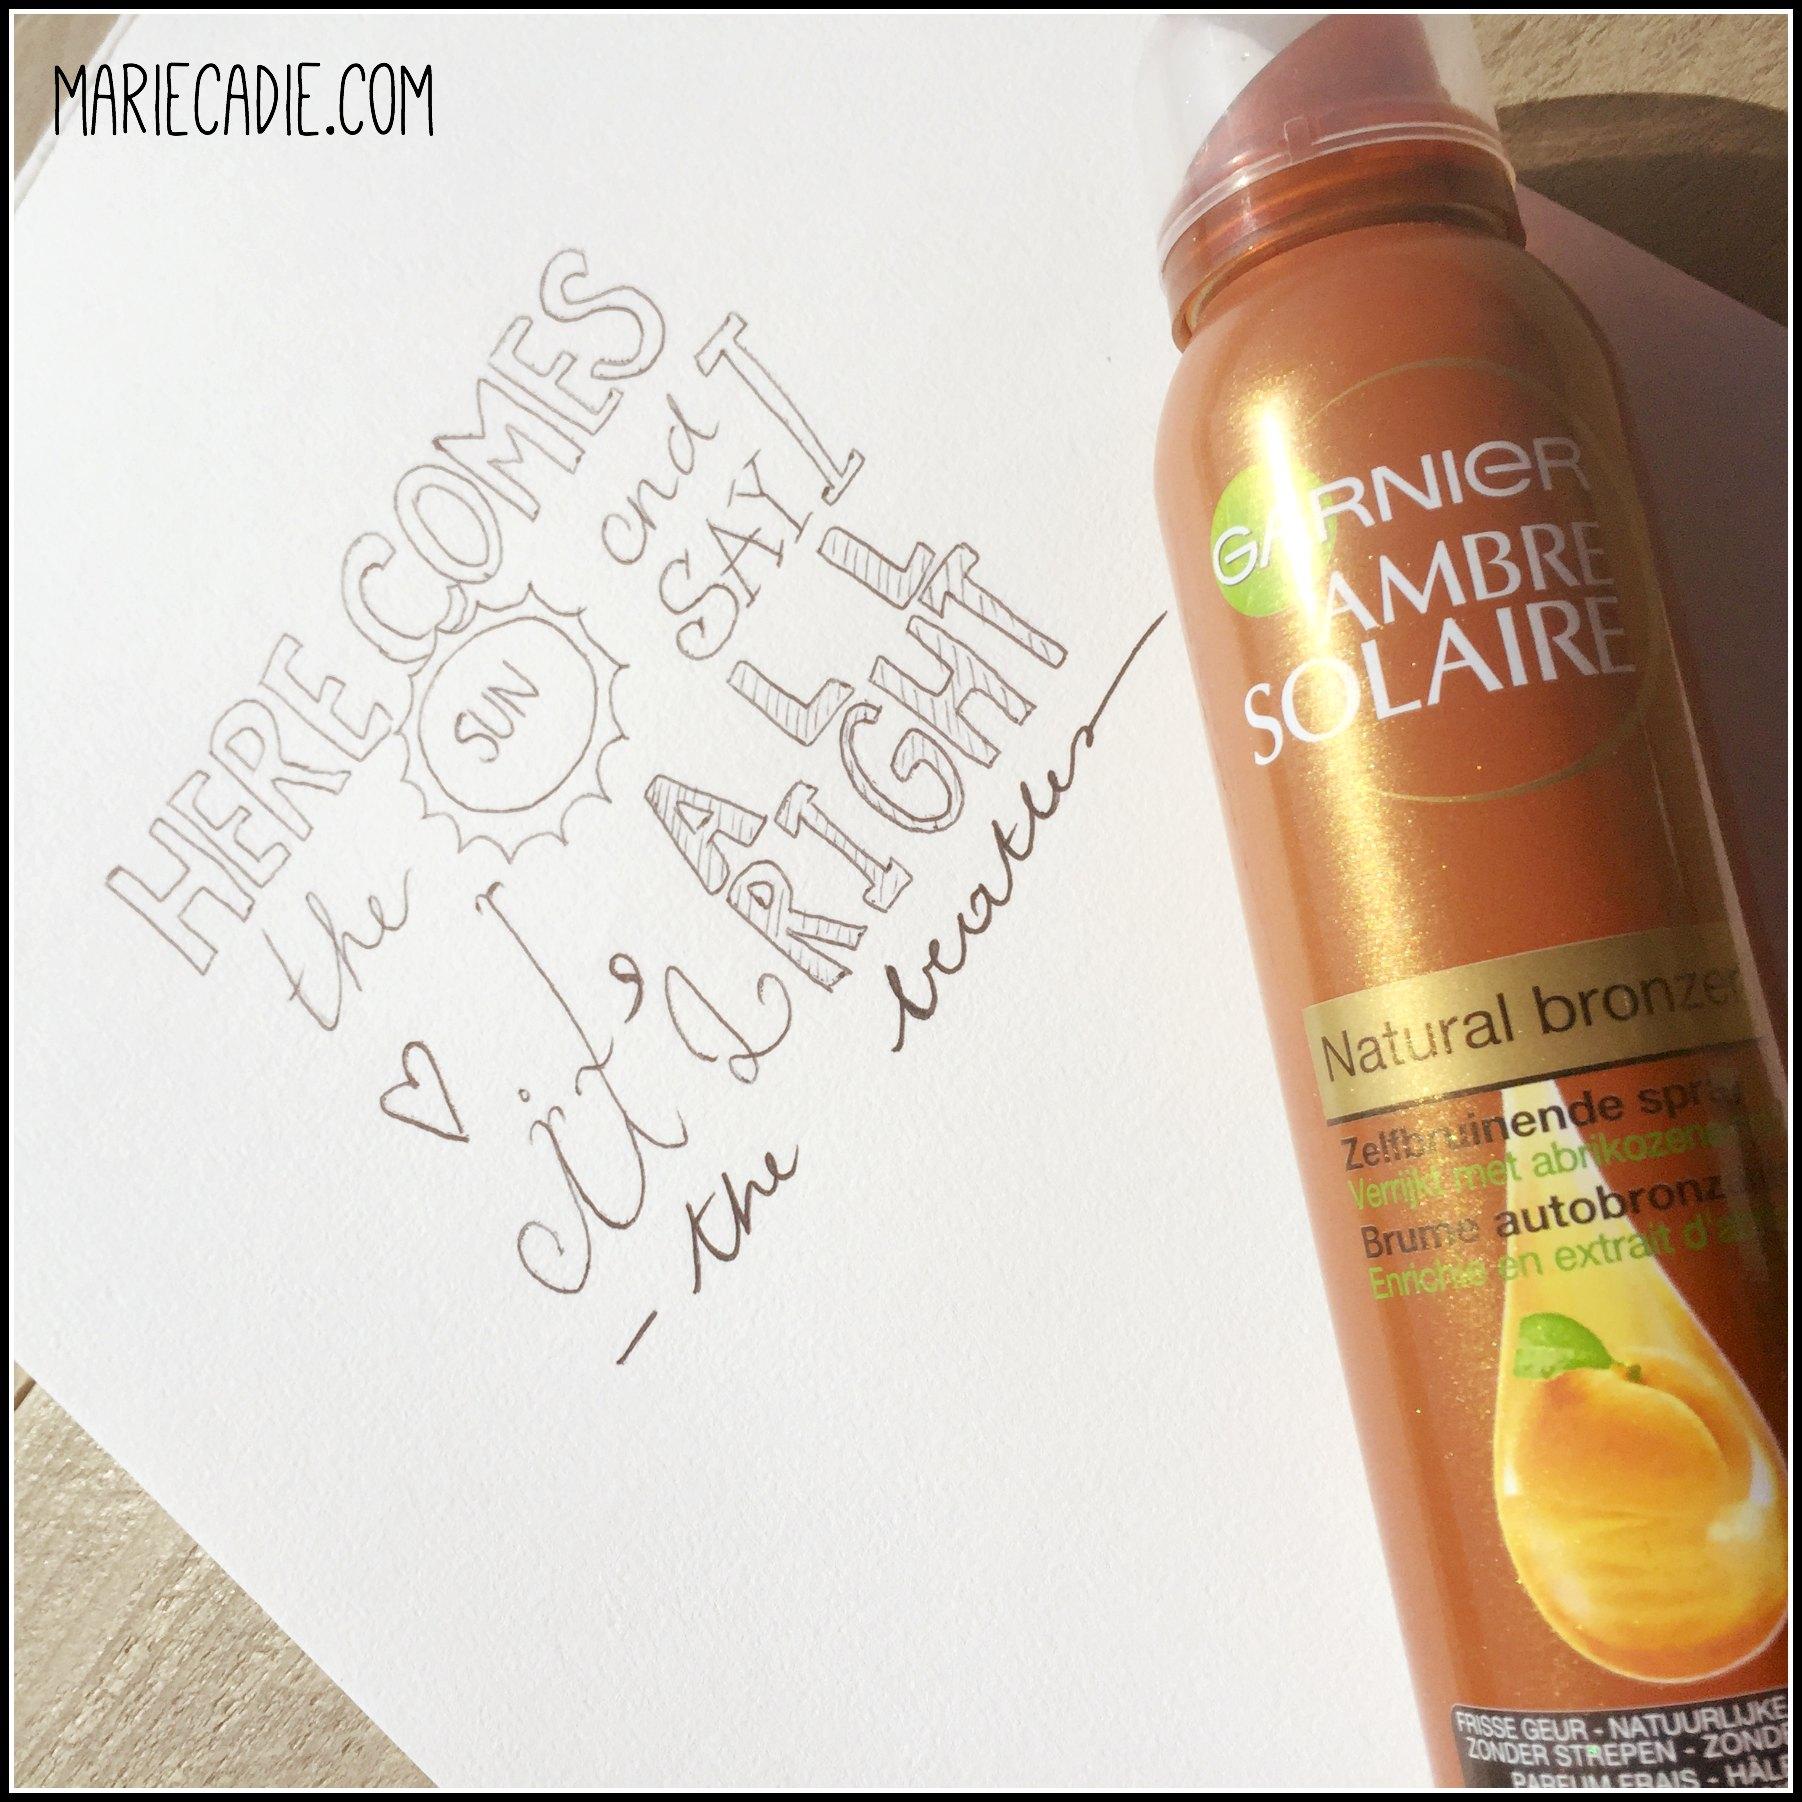 mariecadie-com-ambre-solaire-sunkissed-3